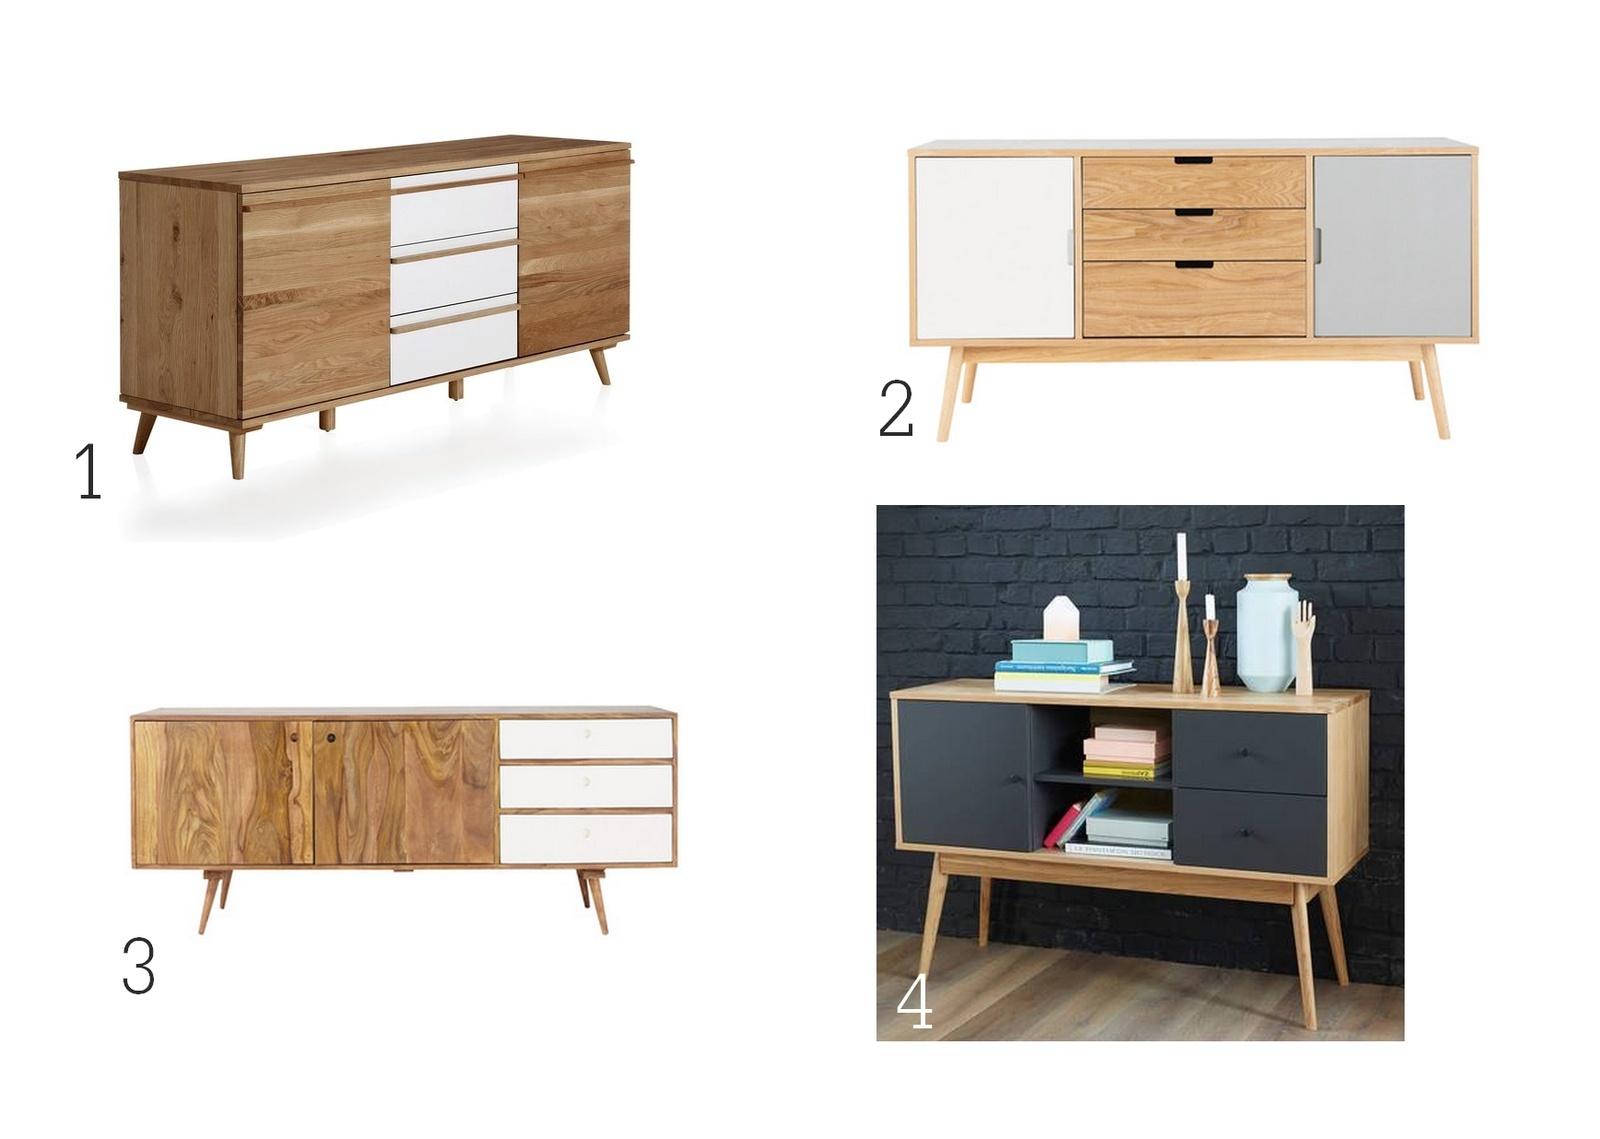 mobilier style scandinave d esprit 28 images vendu fauteuil scandinave chauffeus design ann. Black Bedroom Furniture Sets. Home Design Ideas